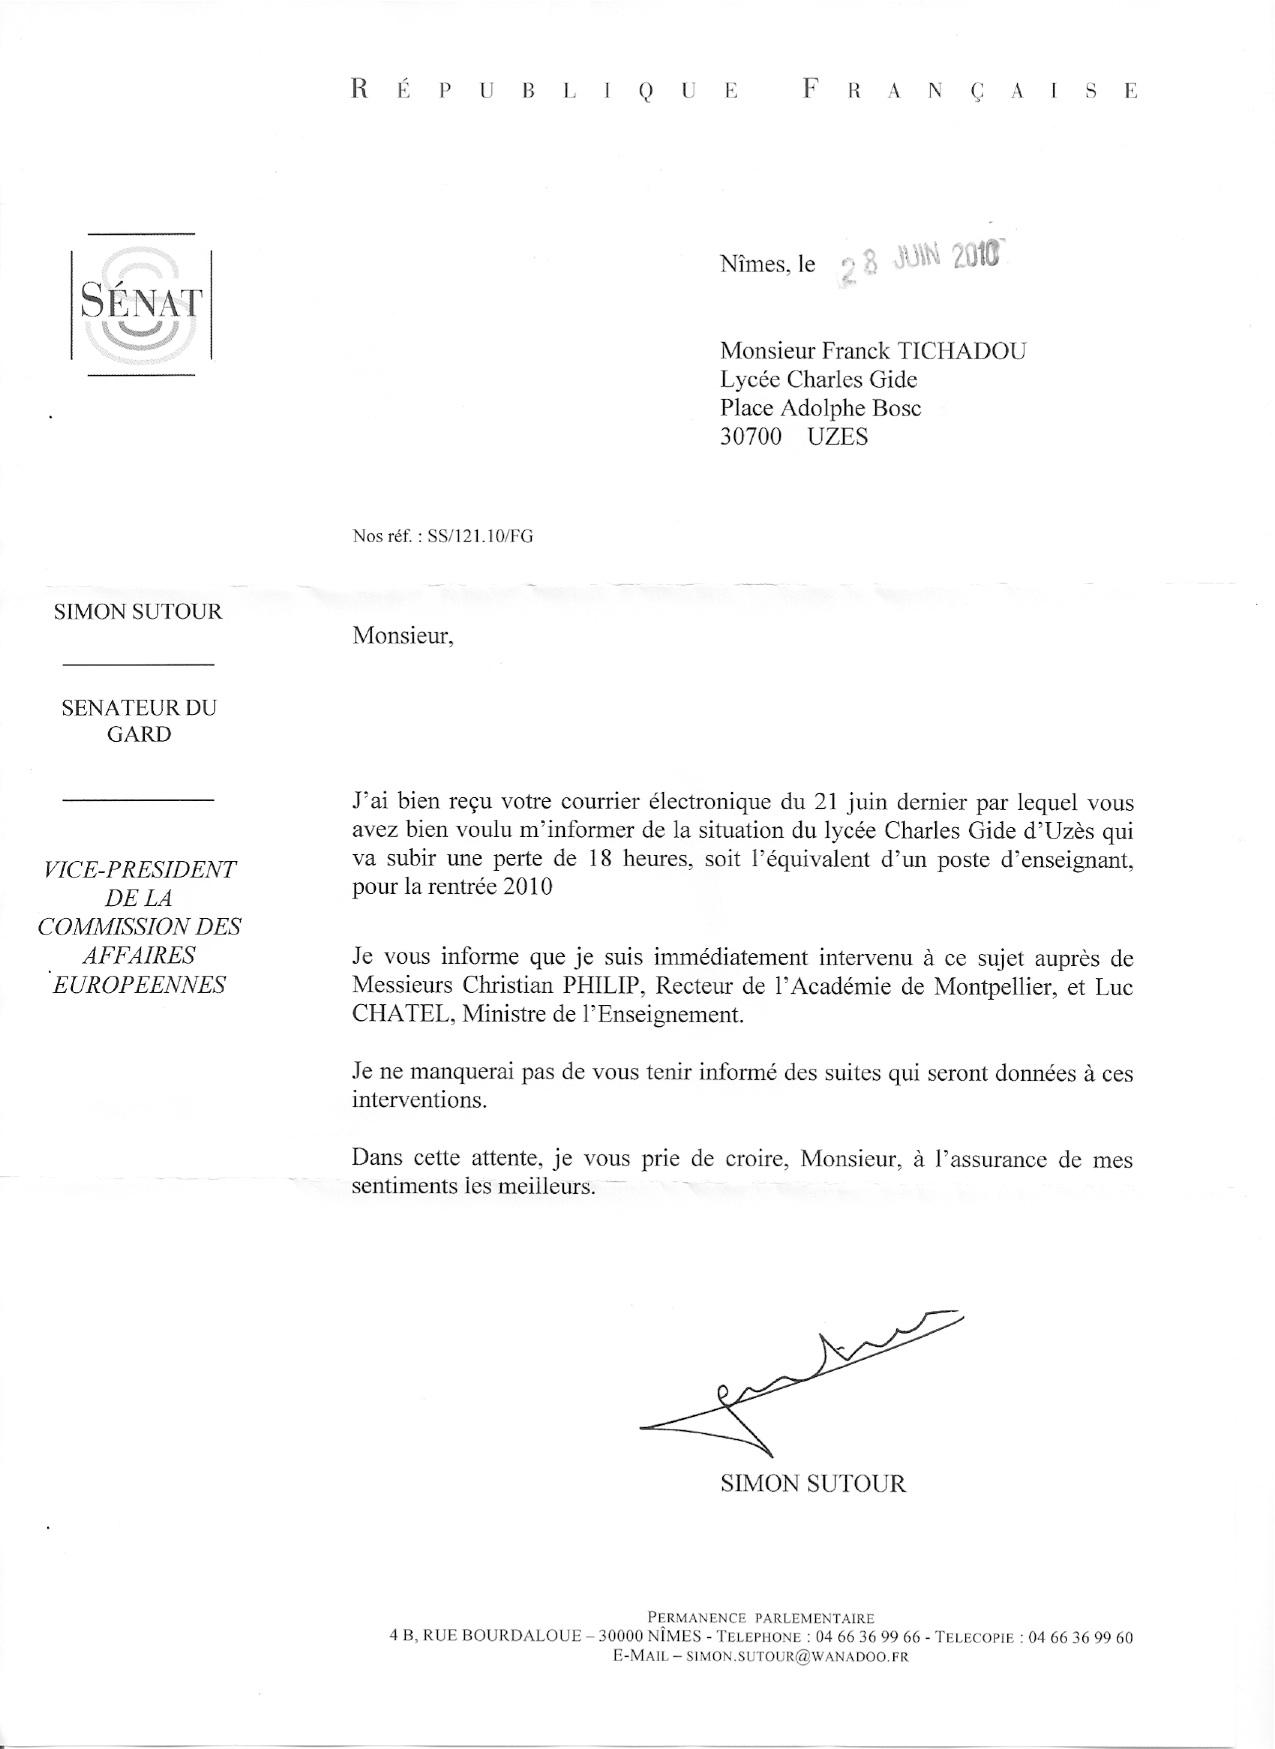 modele de lettre administrative en forme personnelle